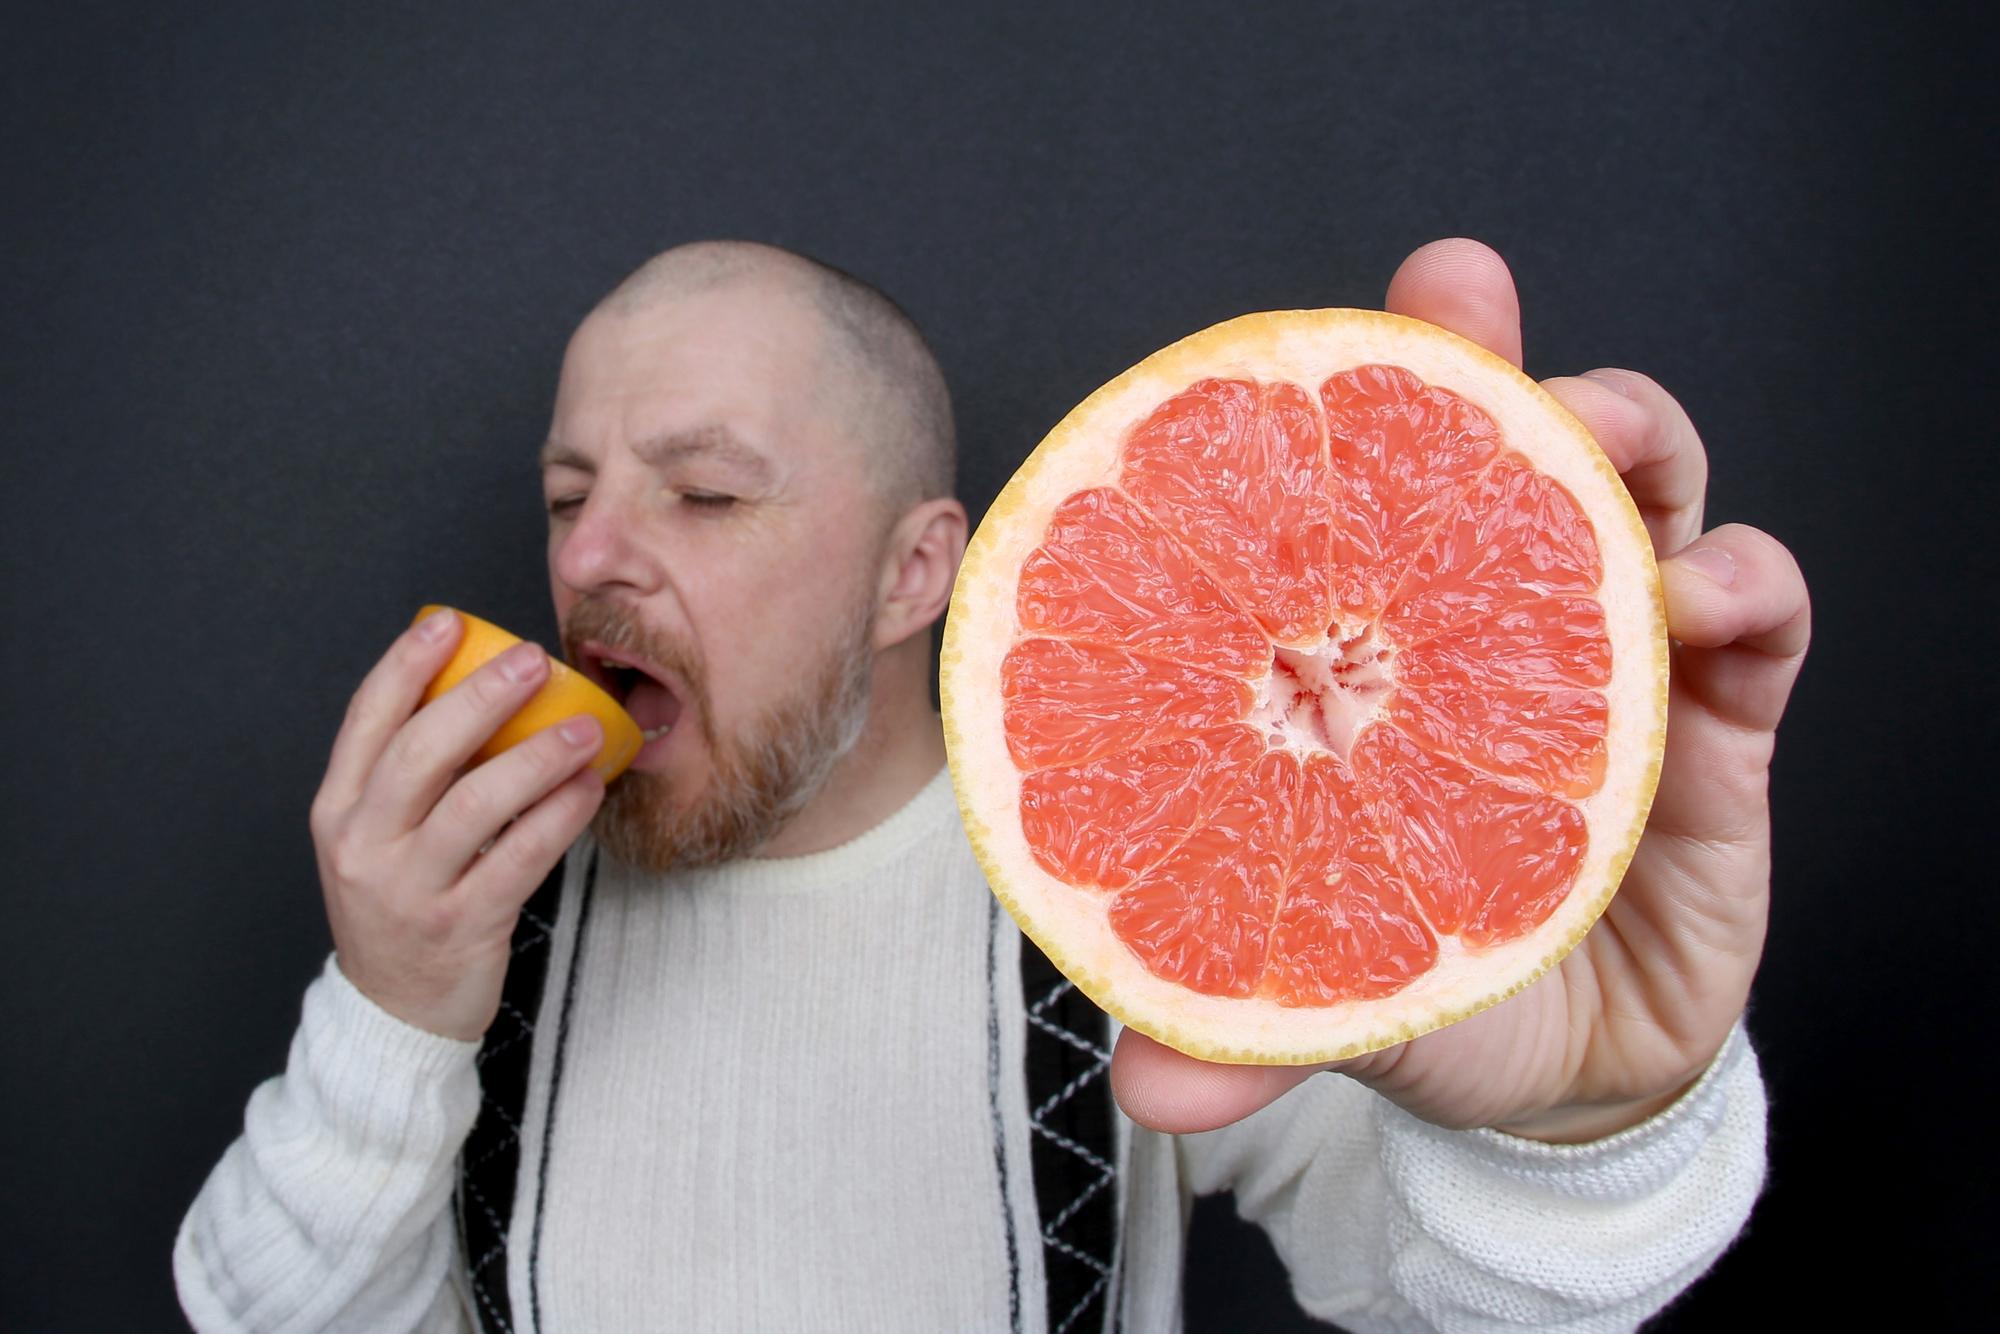 Неверная информация отом, что мы едим, может сформировать ложное вкусовое ощущение.